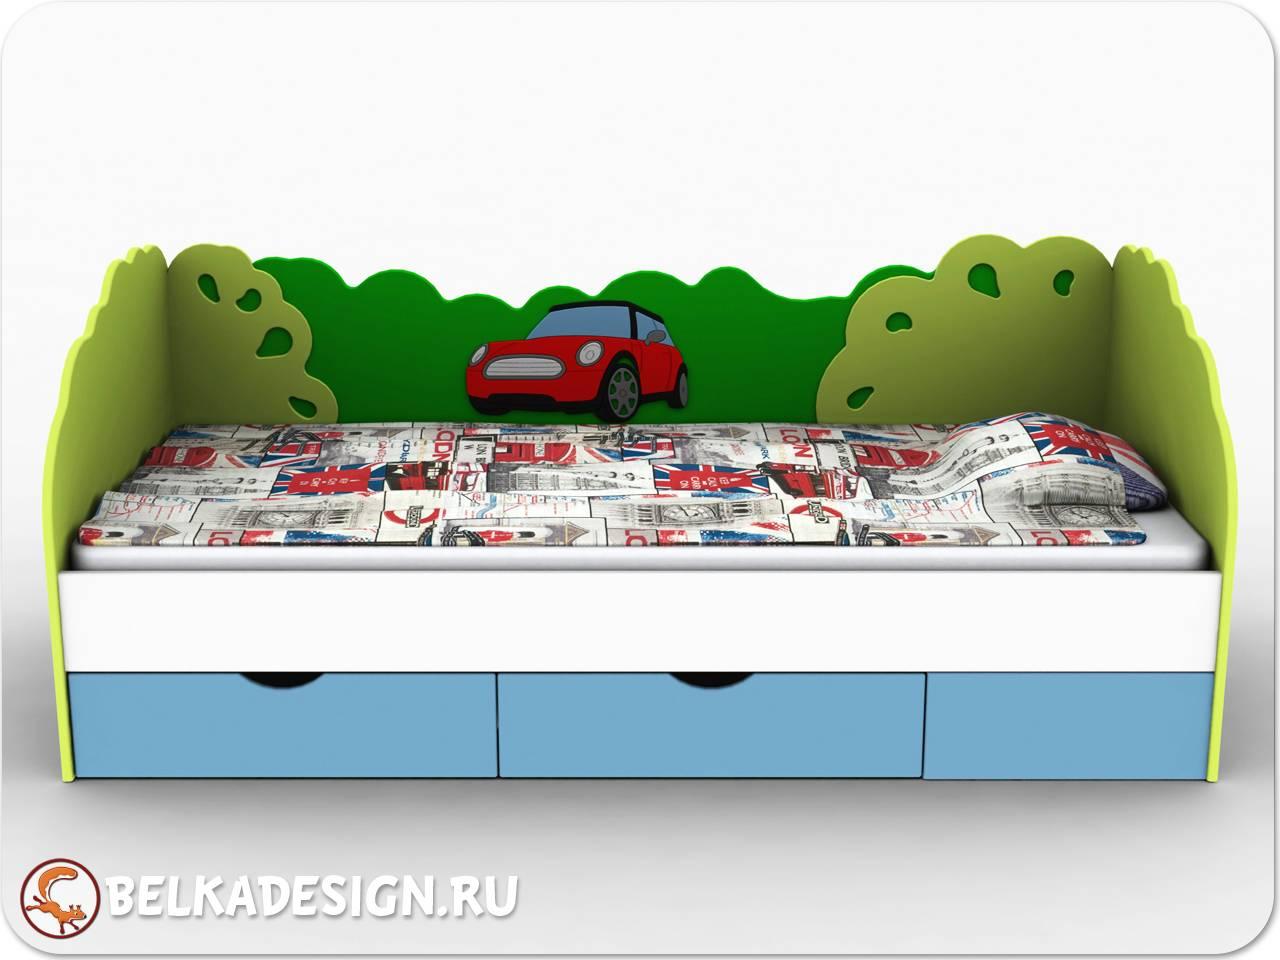 Кровать Лондон с машинкой